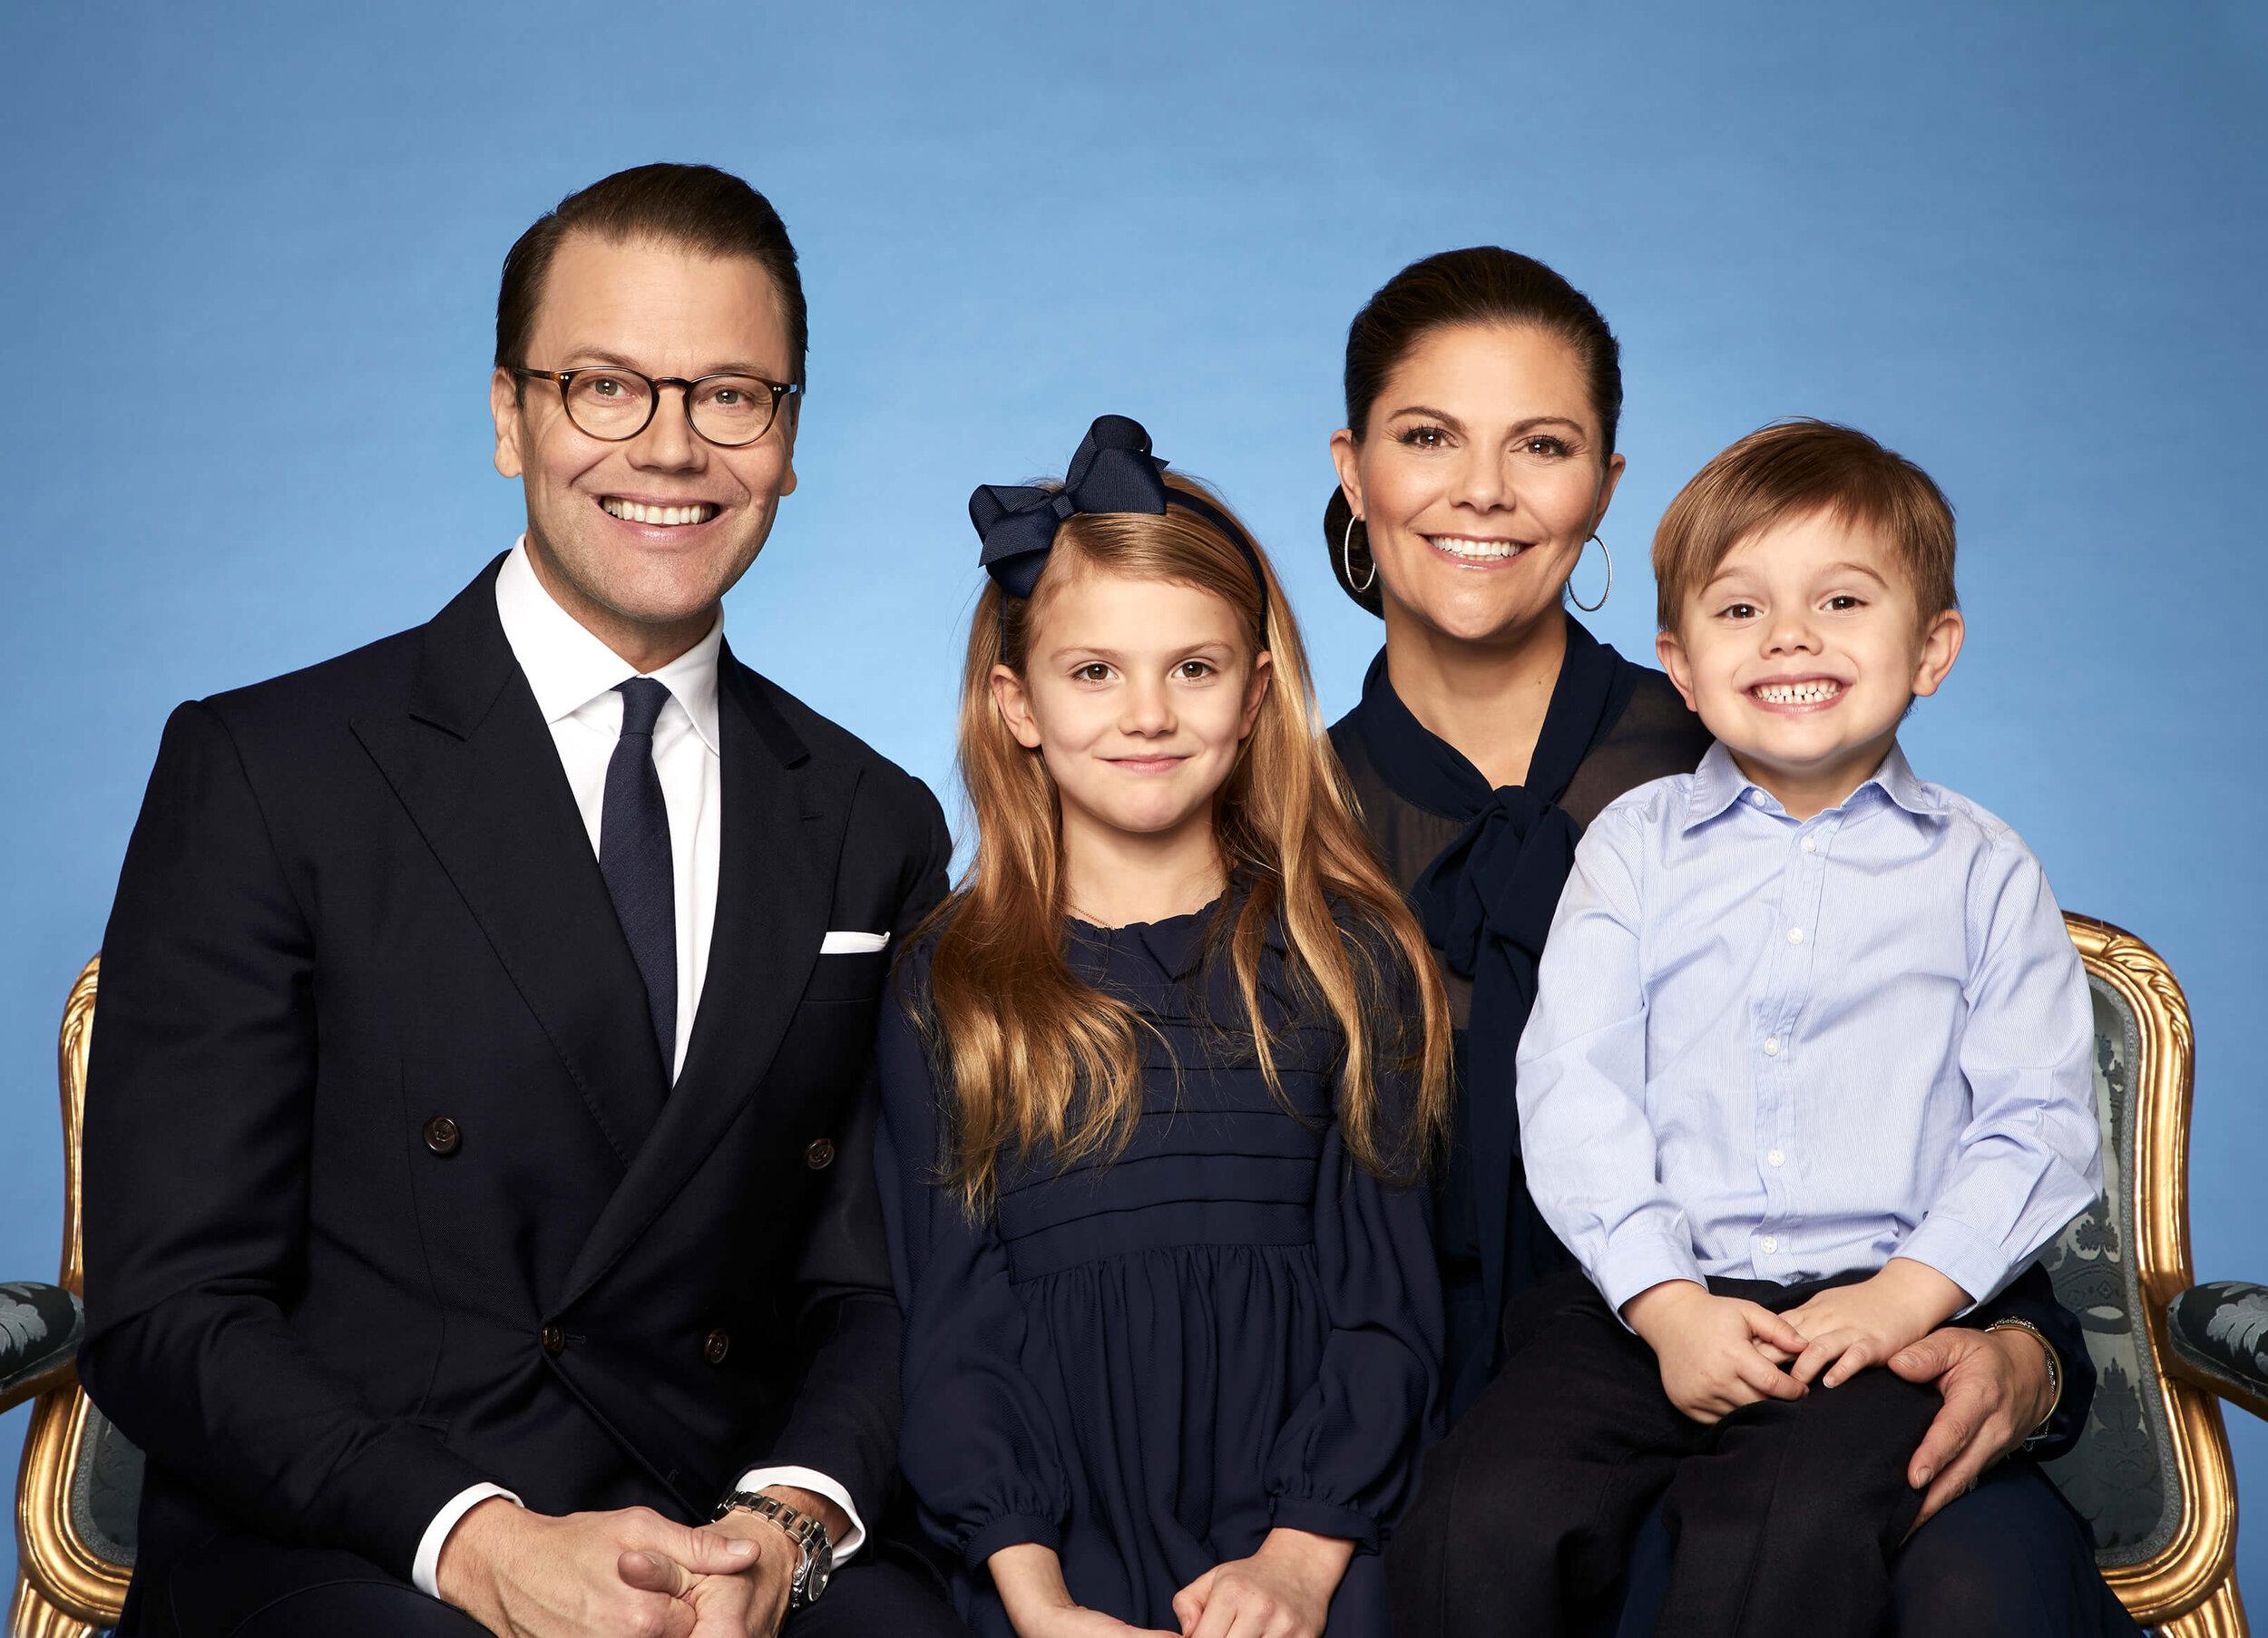 Endlich zu fünft: Kronprinzessin Victoria und Prinz Daniel haben Prinzessin Estelle einen großen Wunsch erfüllt und einen Welpen adoptiert.  © Anna-Lena Ahlström, Kungahuset